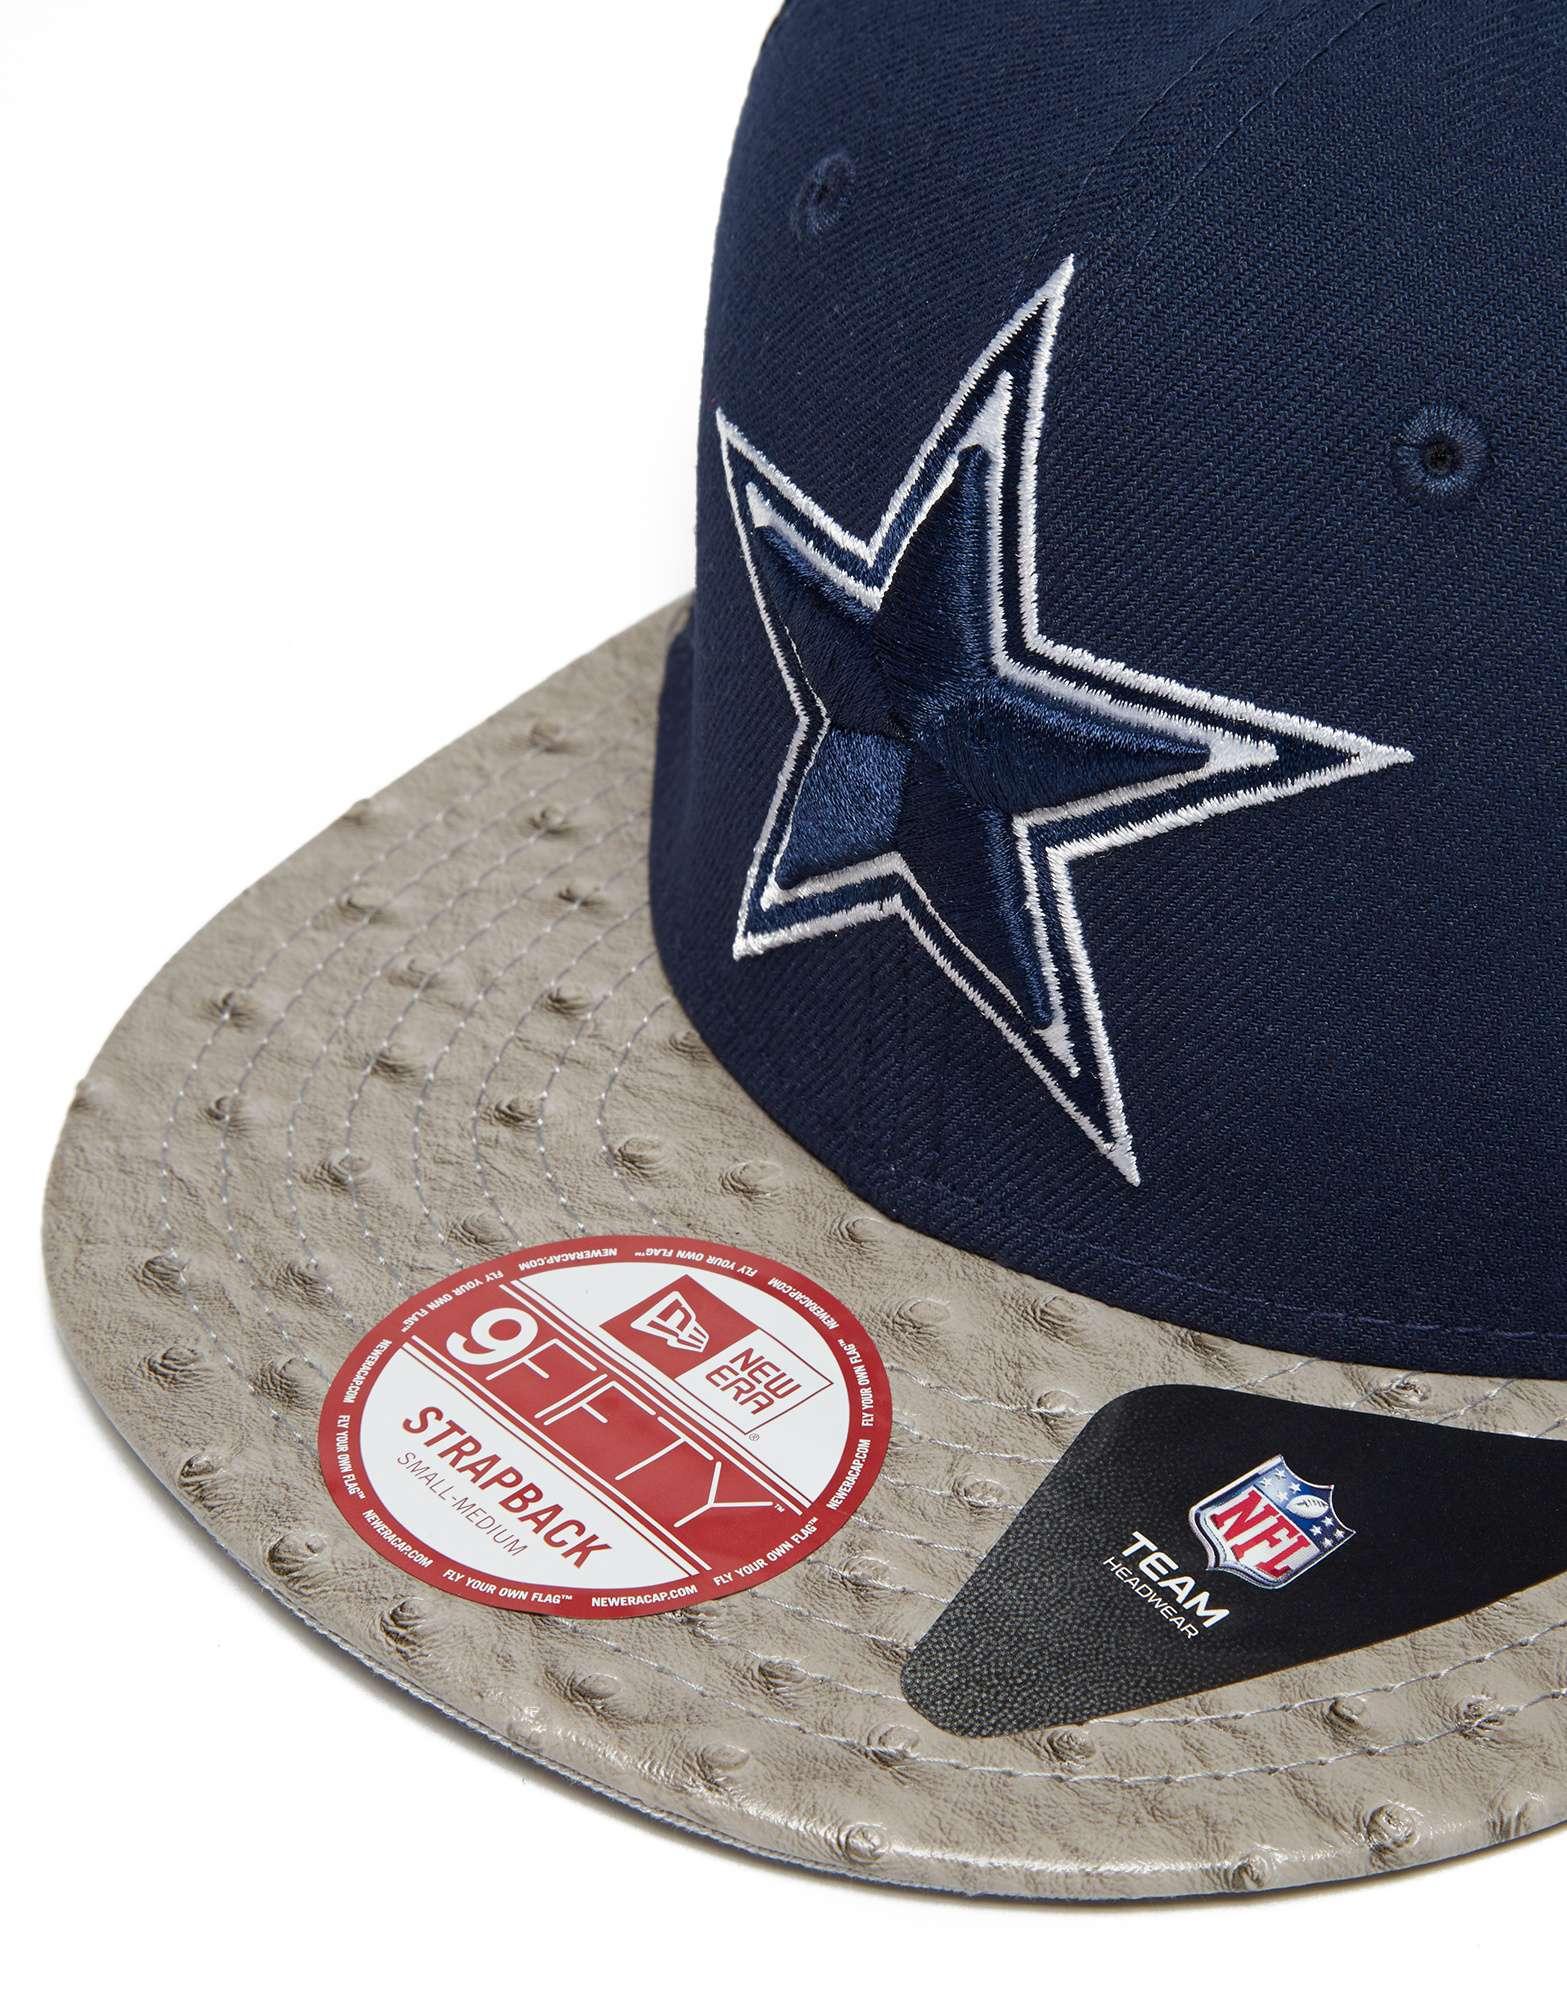 New Era NFL Dallas Cowboys Ostravize 9FIFTY Snapback Cap